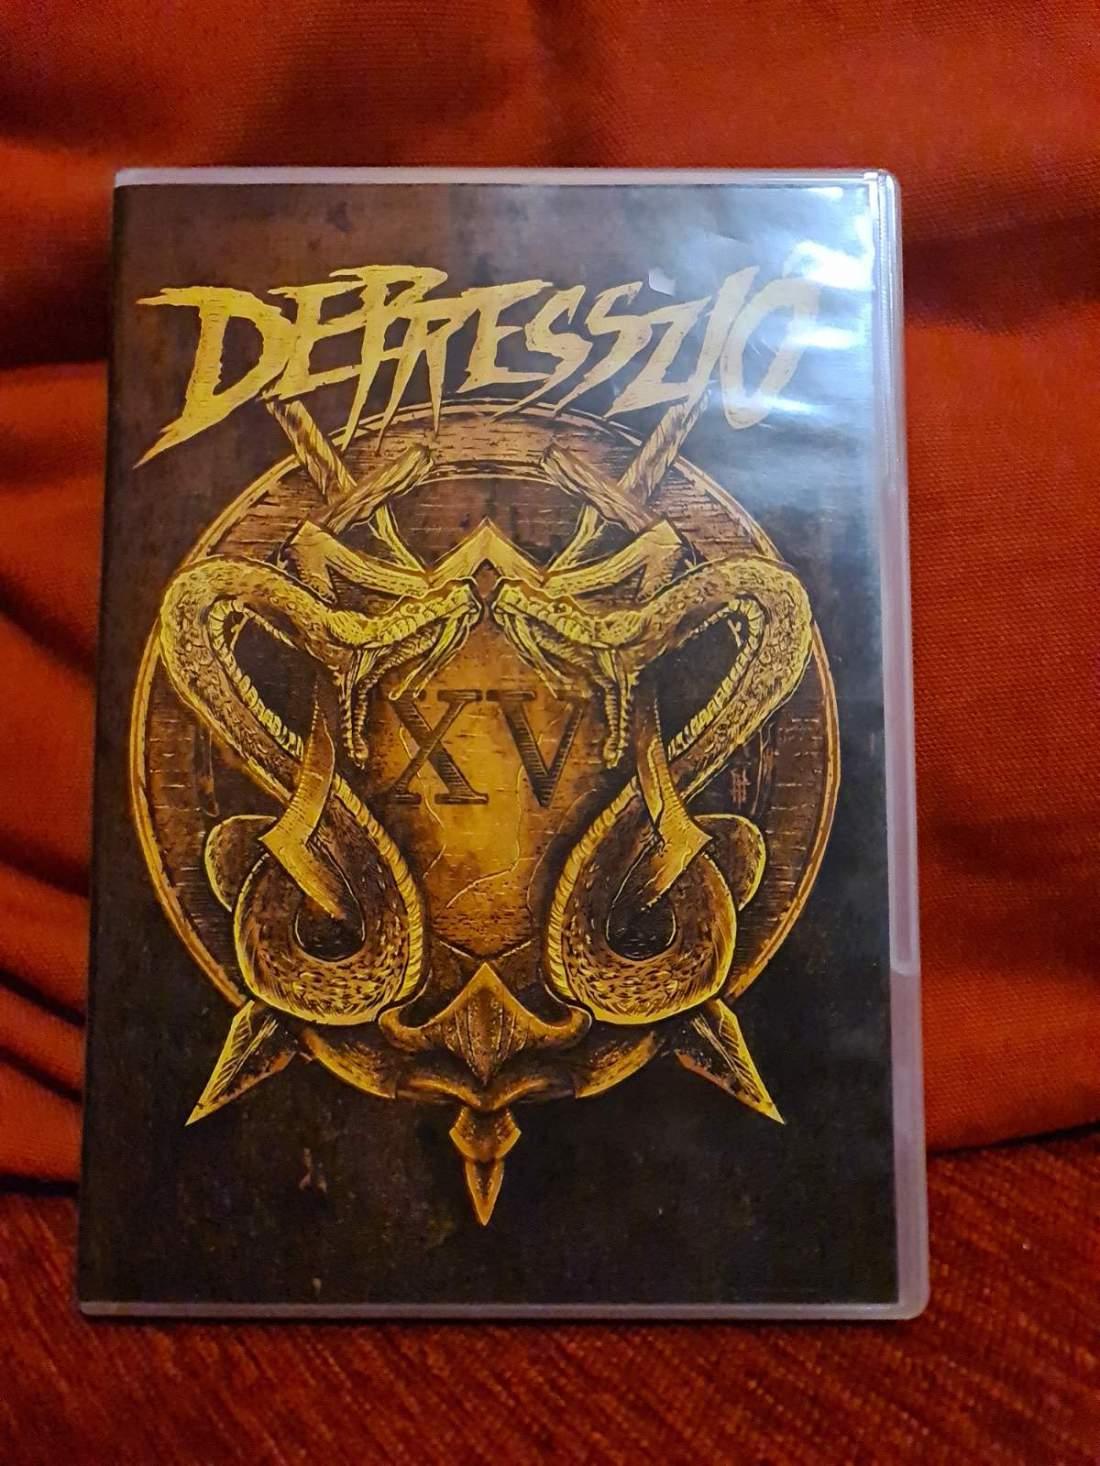 DEPRESSZIÓ - XV - 15 ÉVES JUBILEUMI KONCERT DVD